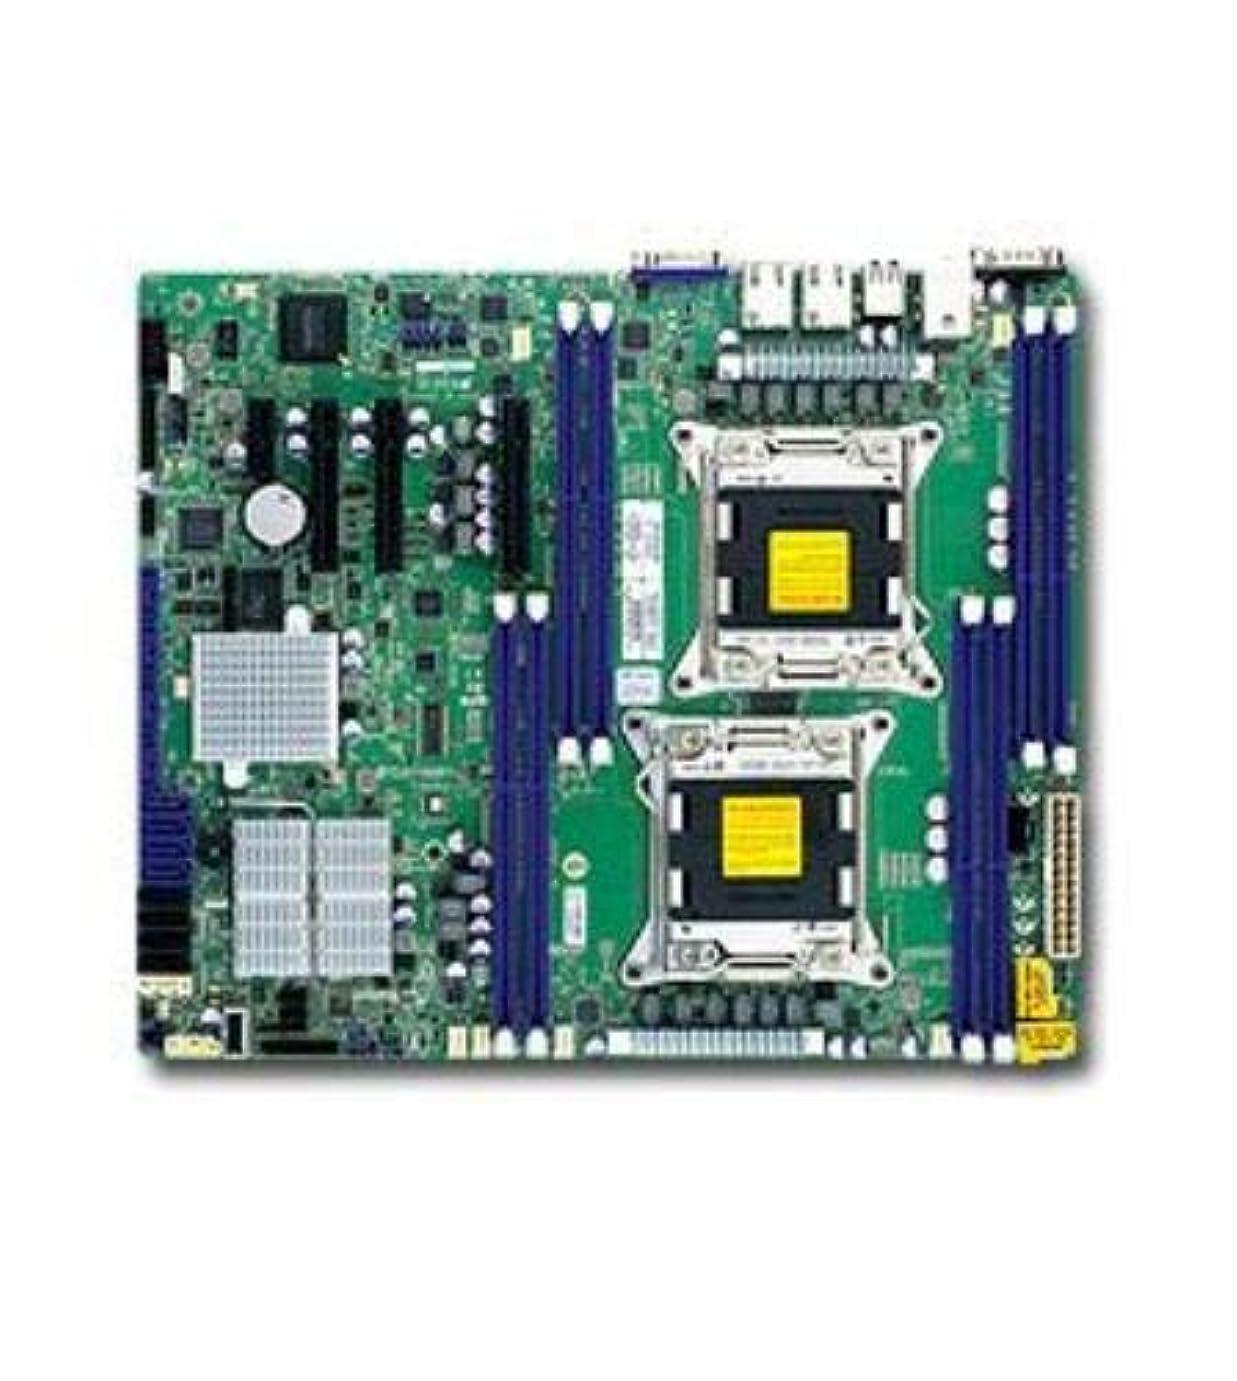 分離する分離するペルメルSupermicro cse-835btq-r1 K28b SuperChassis 835btq-r1 K28b (ブラック) – rack-mountable – ブラック – 3u – 11 xベイ – 6 x 3.15インチxファン( S )インストール – 2 x 1.28 KW – EATXマザーボードサポート